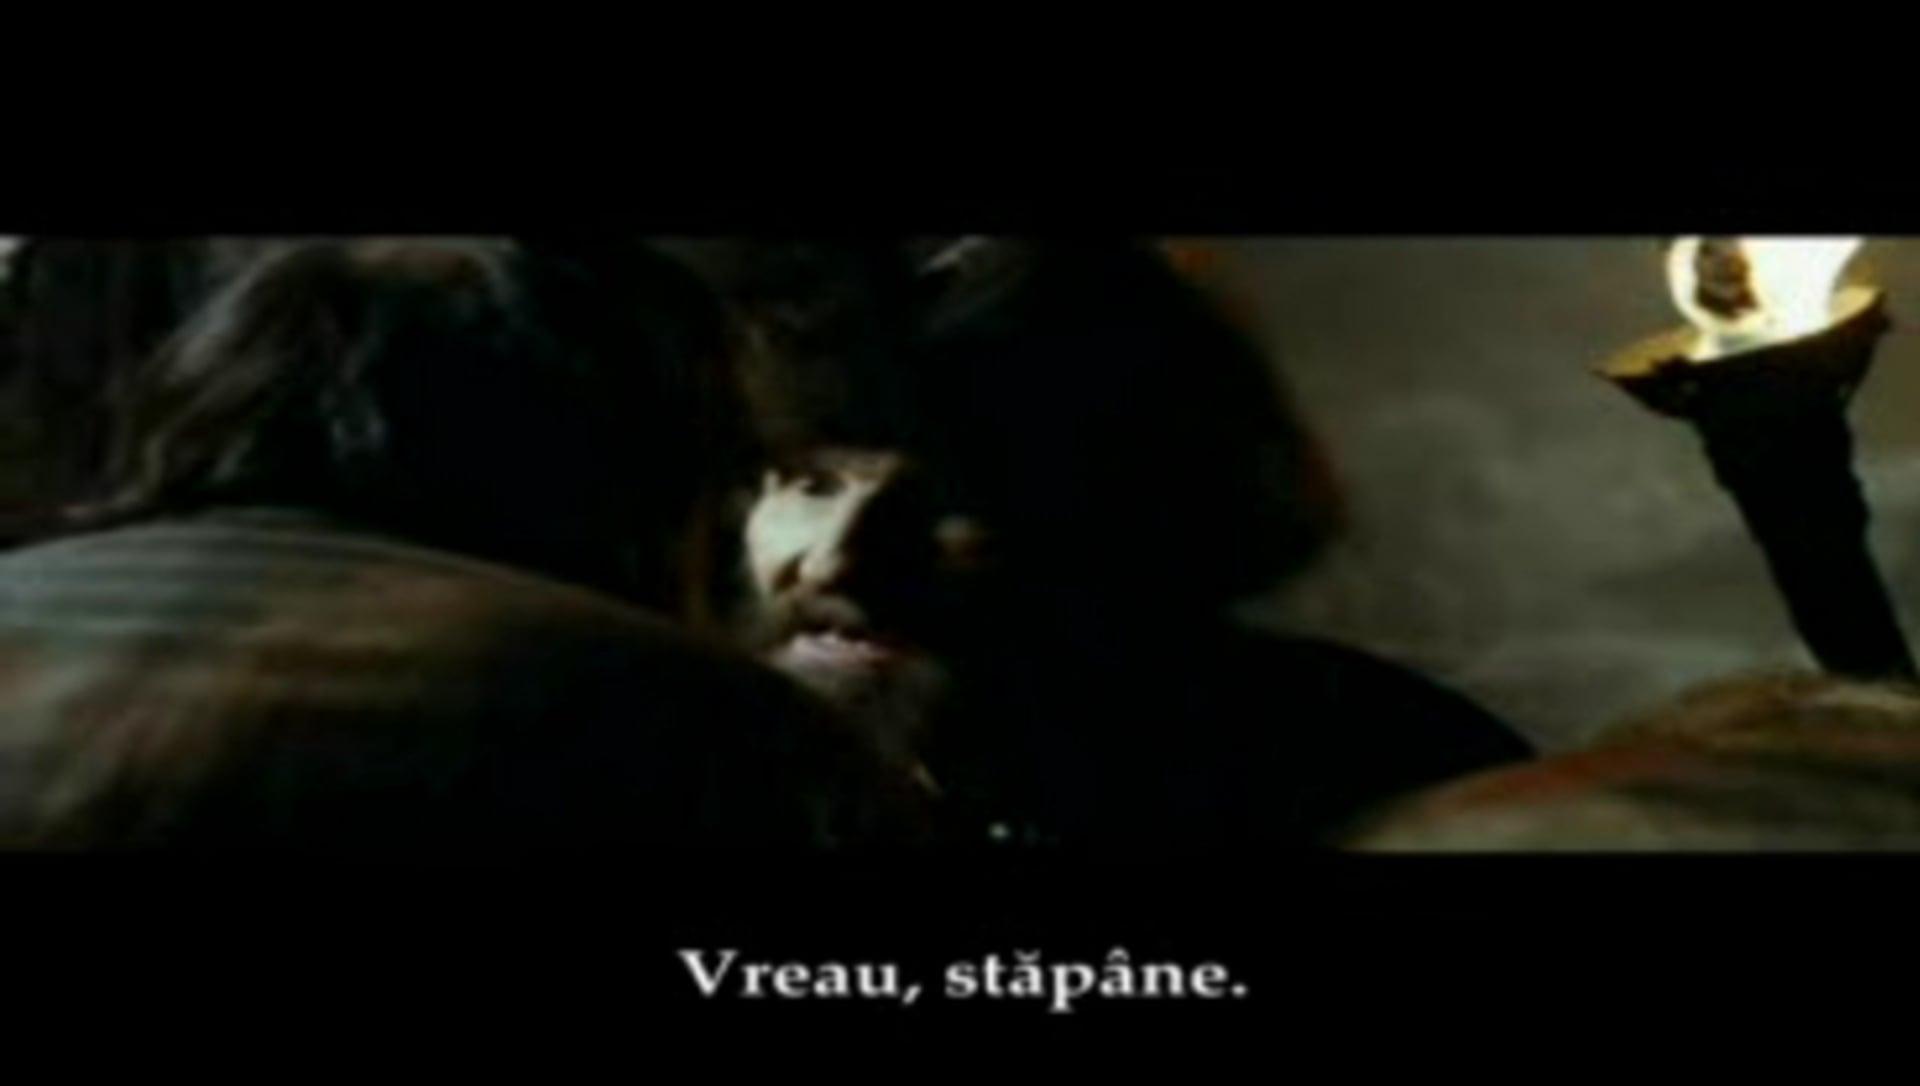 Ţarul (2009, cu subtitrare în limba română) oferit de Apologeticum.wordpress.com